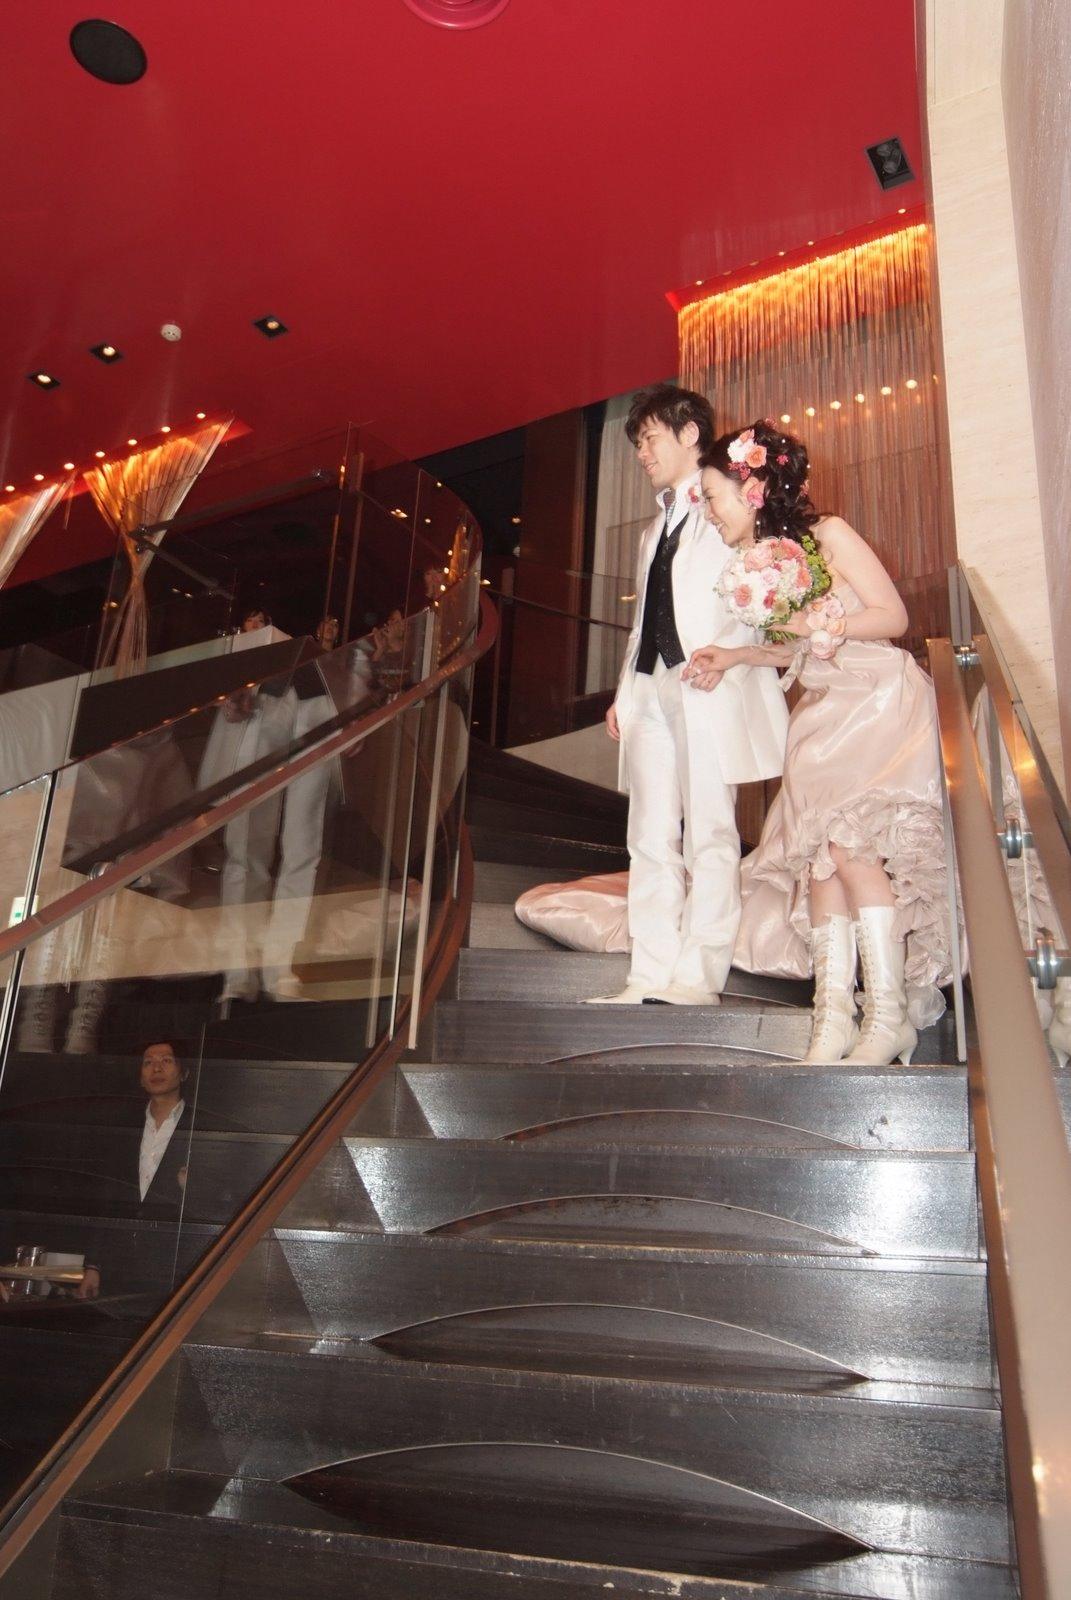 新郎新婦様からのメール バラとブーツとダイヤモンド オテル・ドゥ・ミクニ様へ_a0042928_2348497.jpg